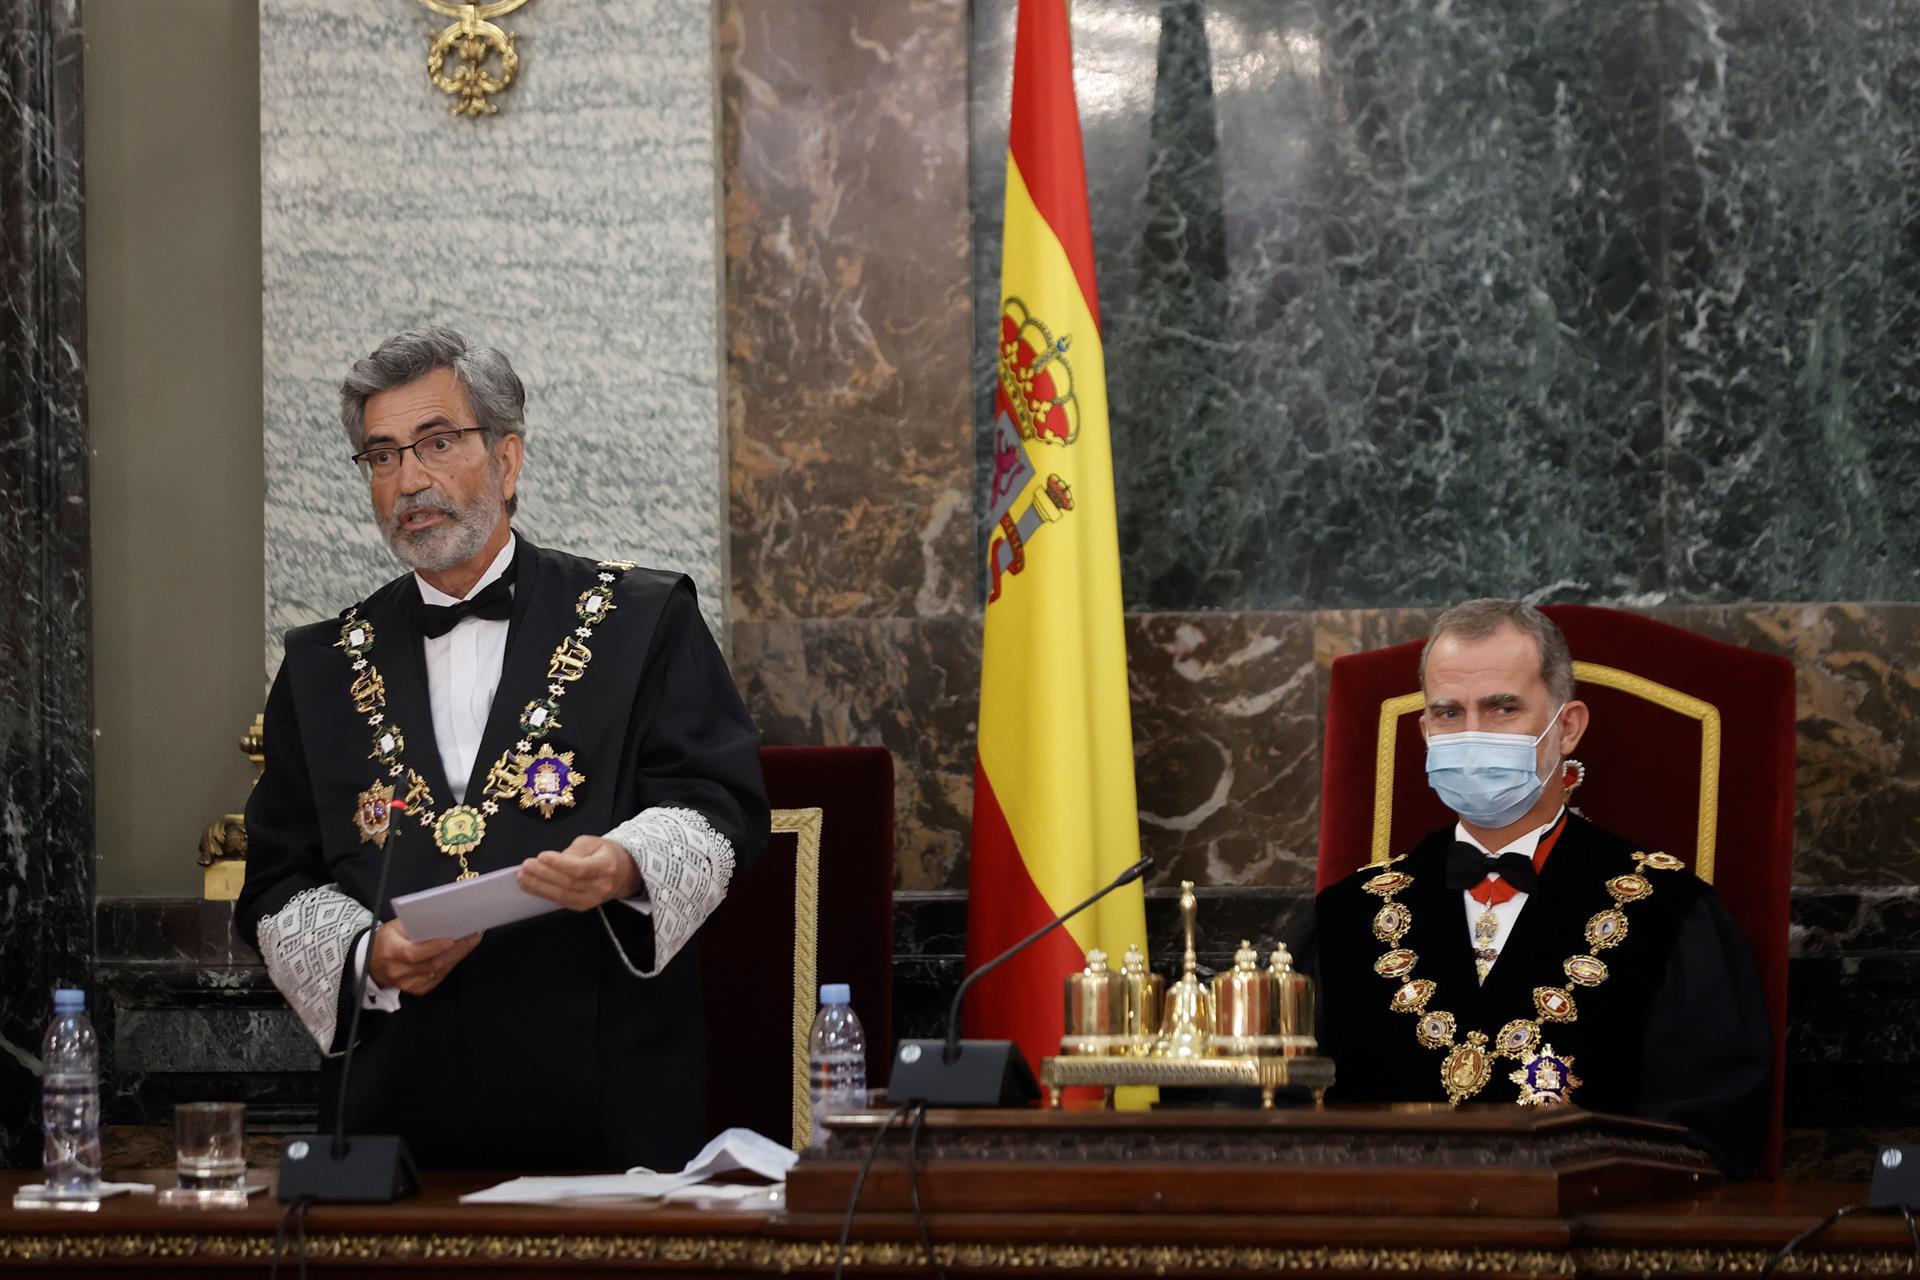 El rey abre un curso judicial bronco por la crisis institucional con el CGPJ